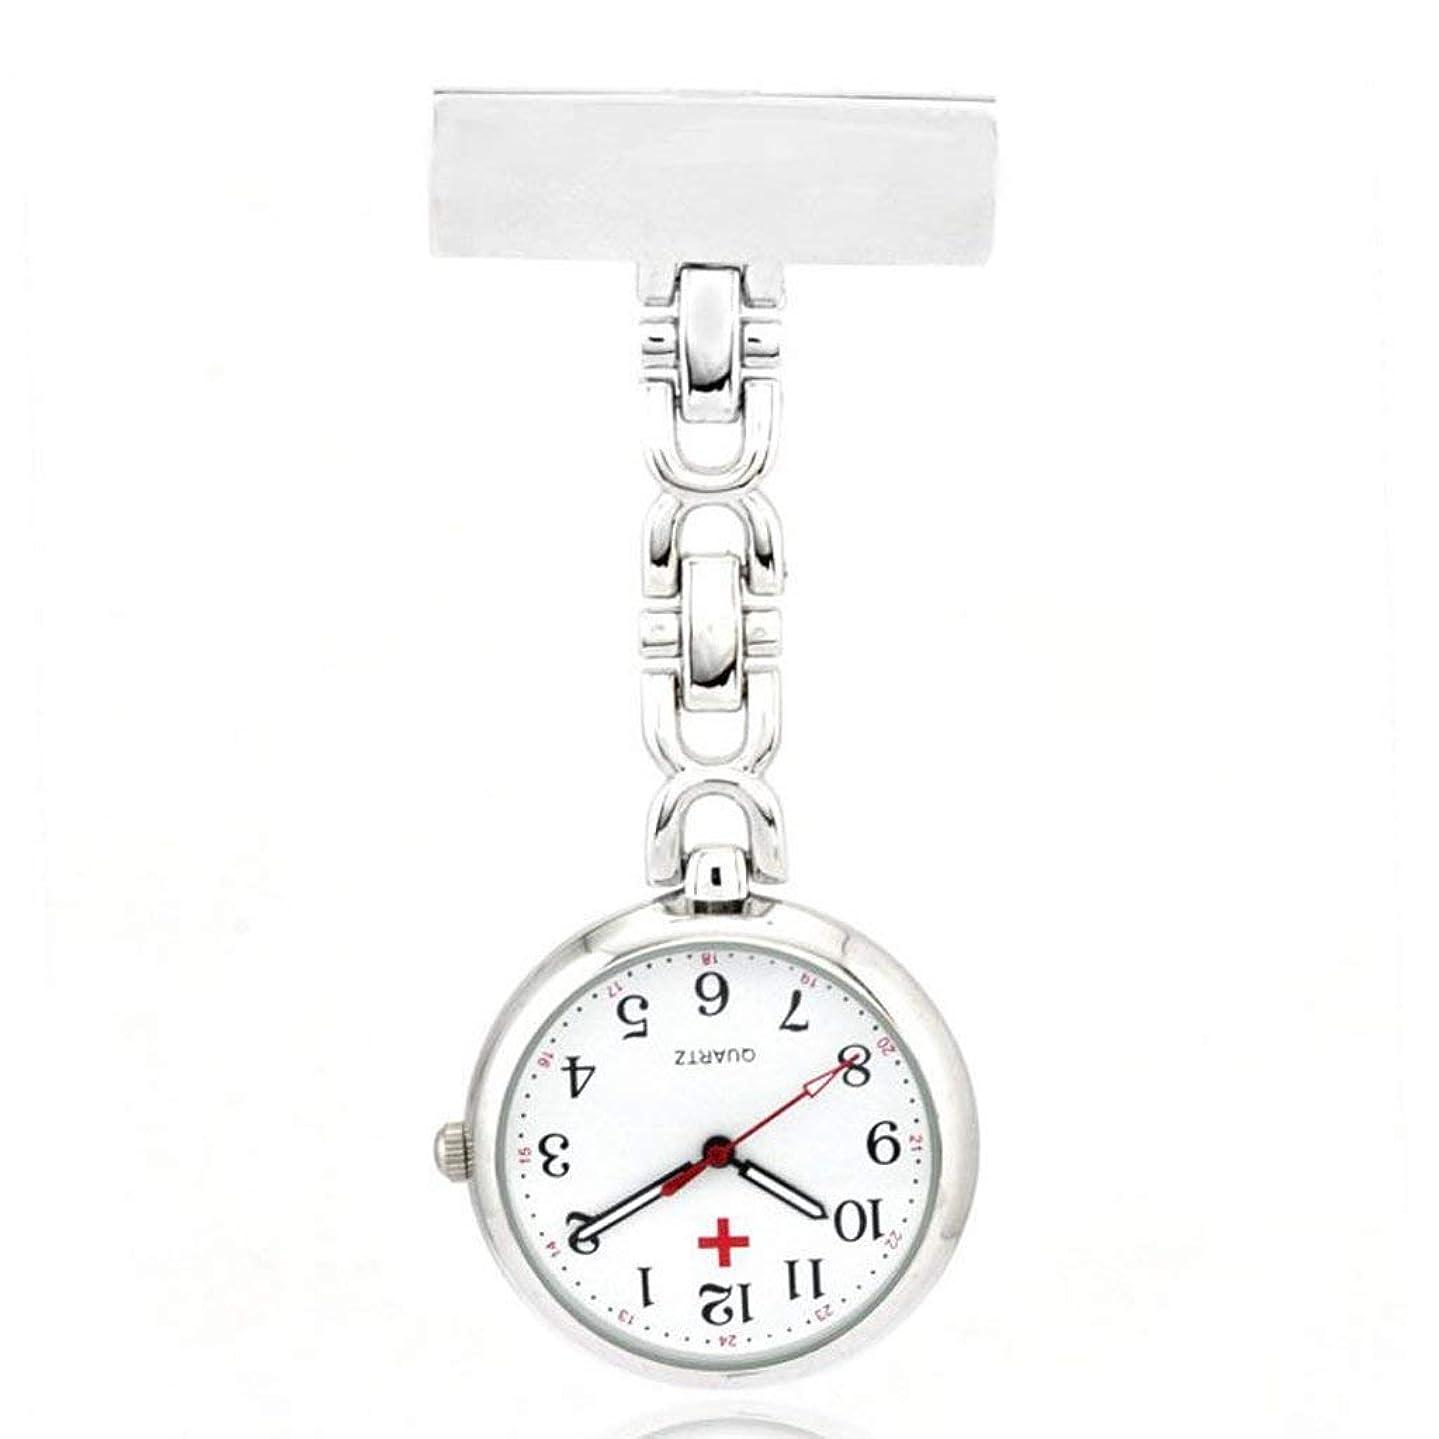 ストッキングれるアセTyou 懐中時計 クォーツ 腕時計 ウォッチ 逆さ時計 アナログ表示 逆さ文字盤 看護師さん 医師 男女兼用